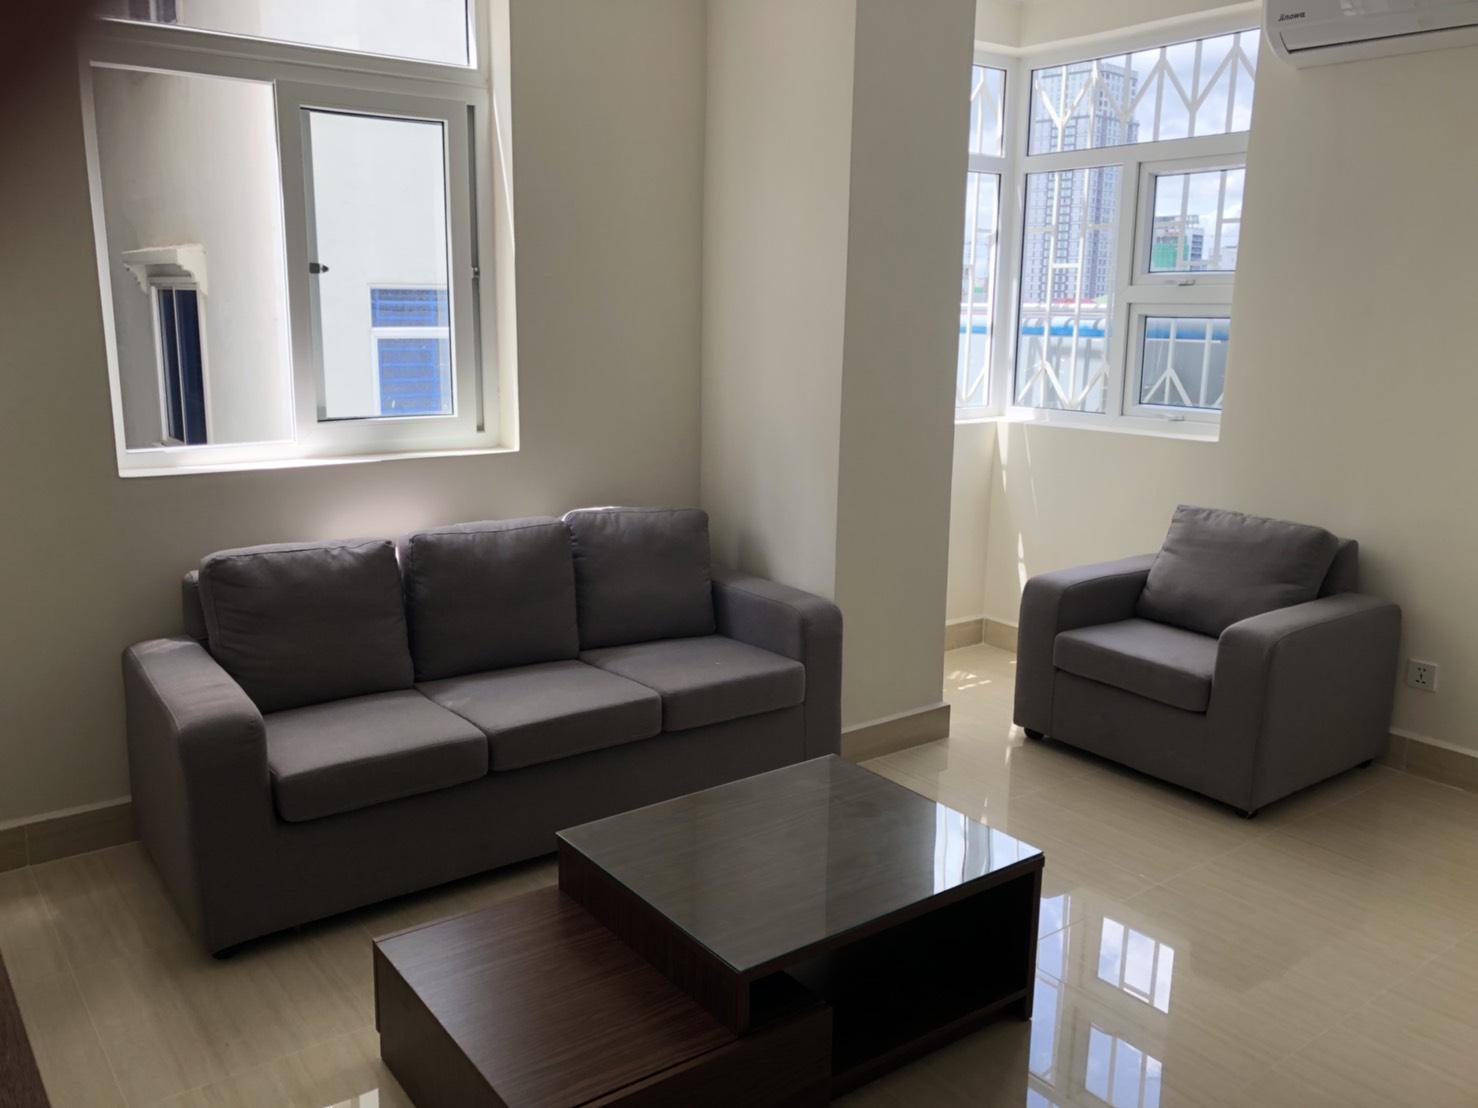 公寓出租在BKK区